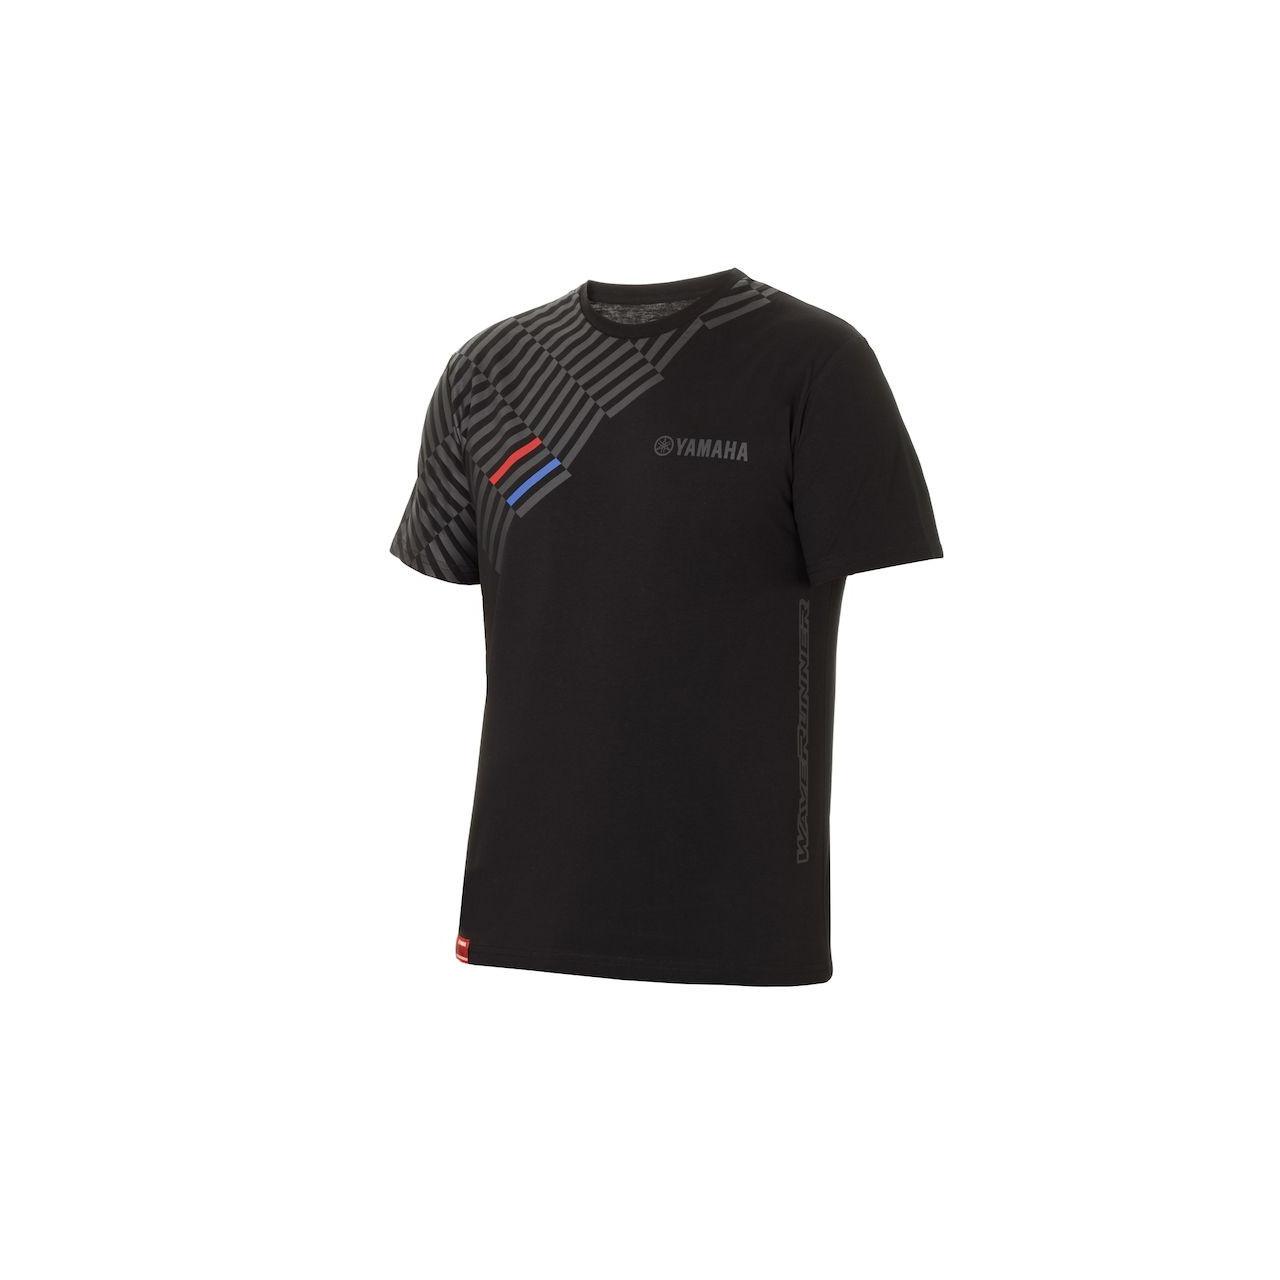 YAMAHA T-shirt homme WaveRunner 2018